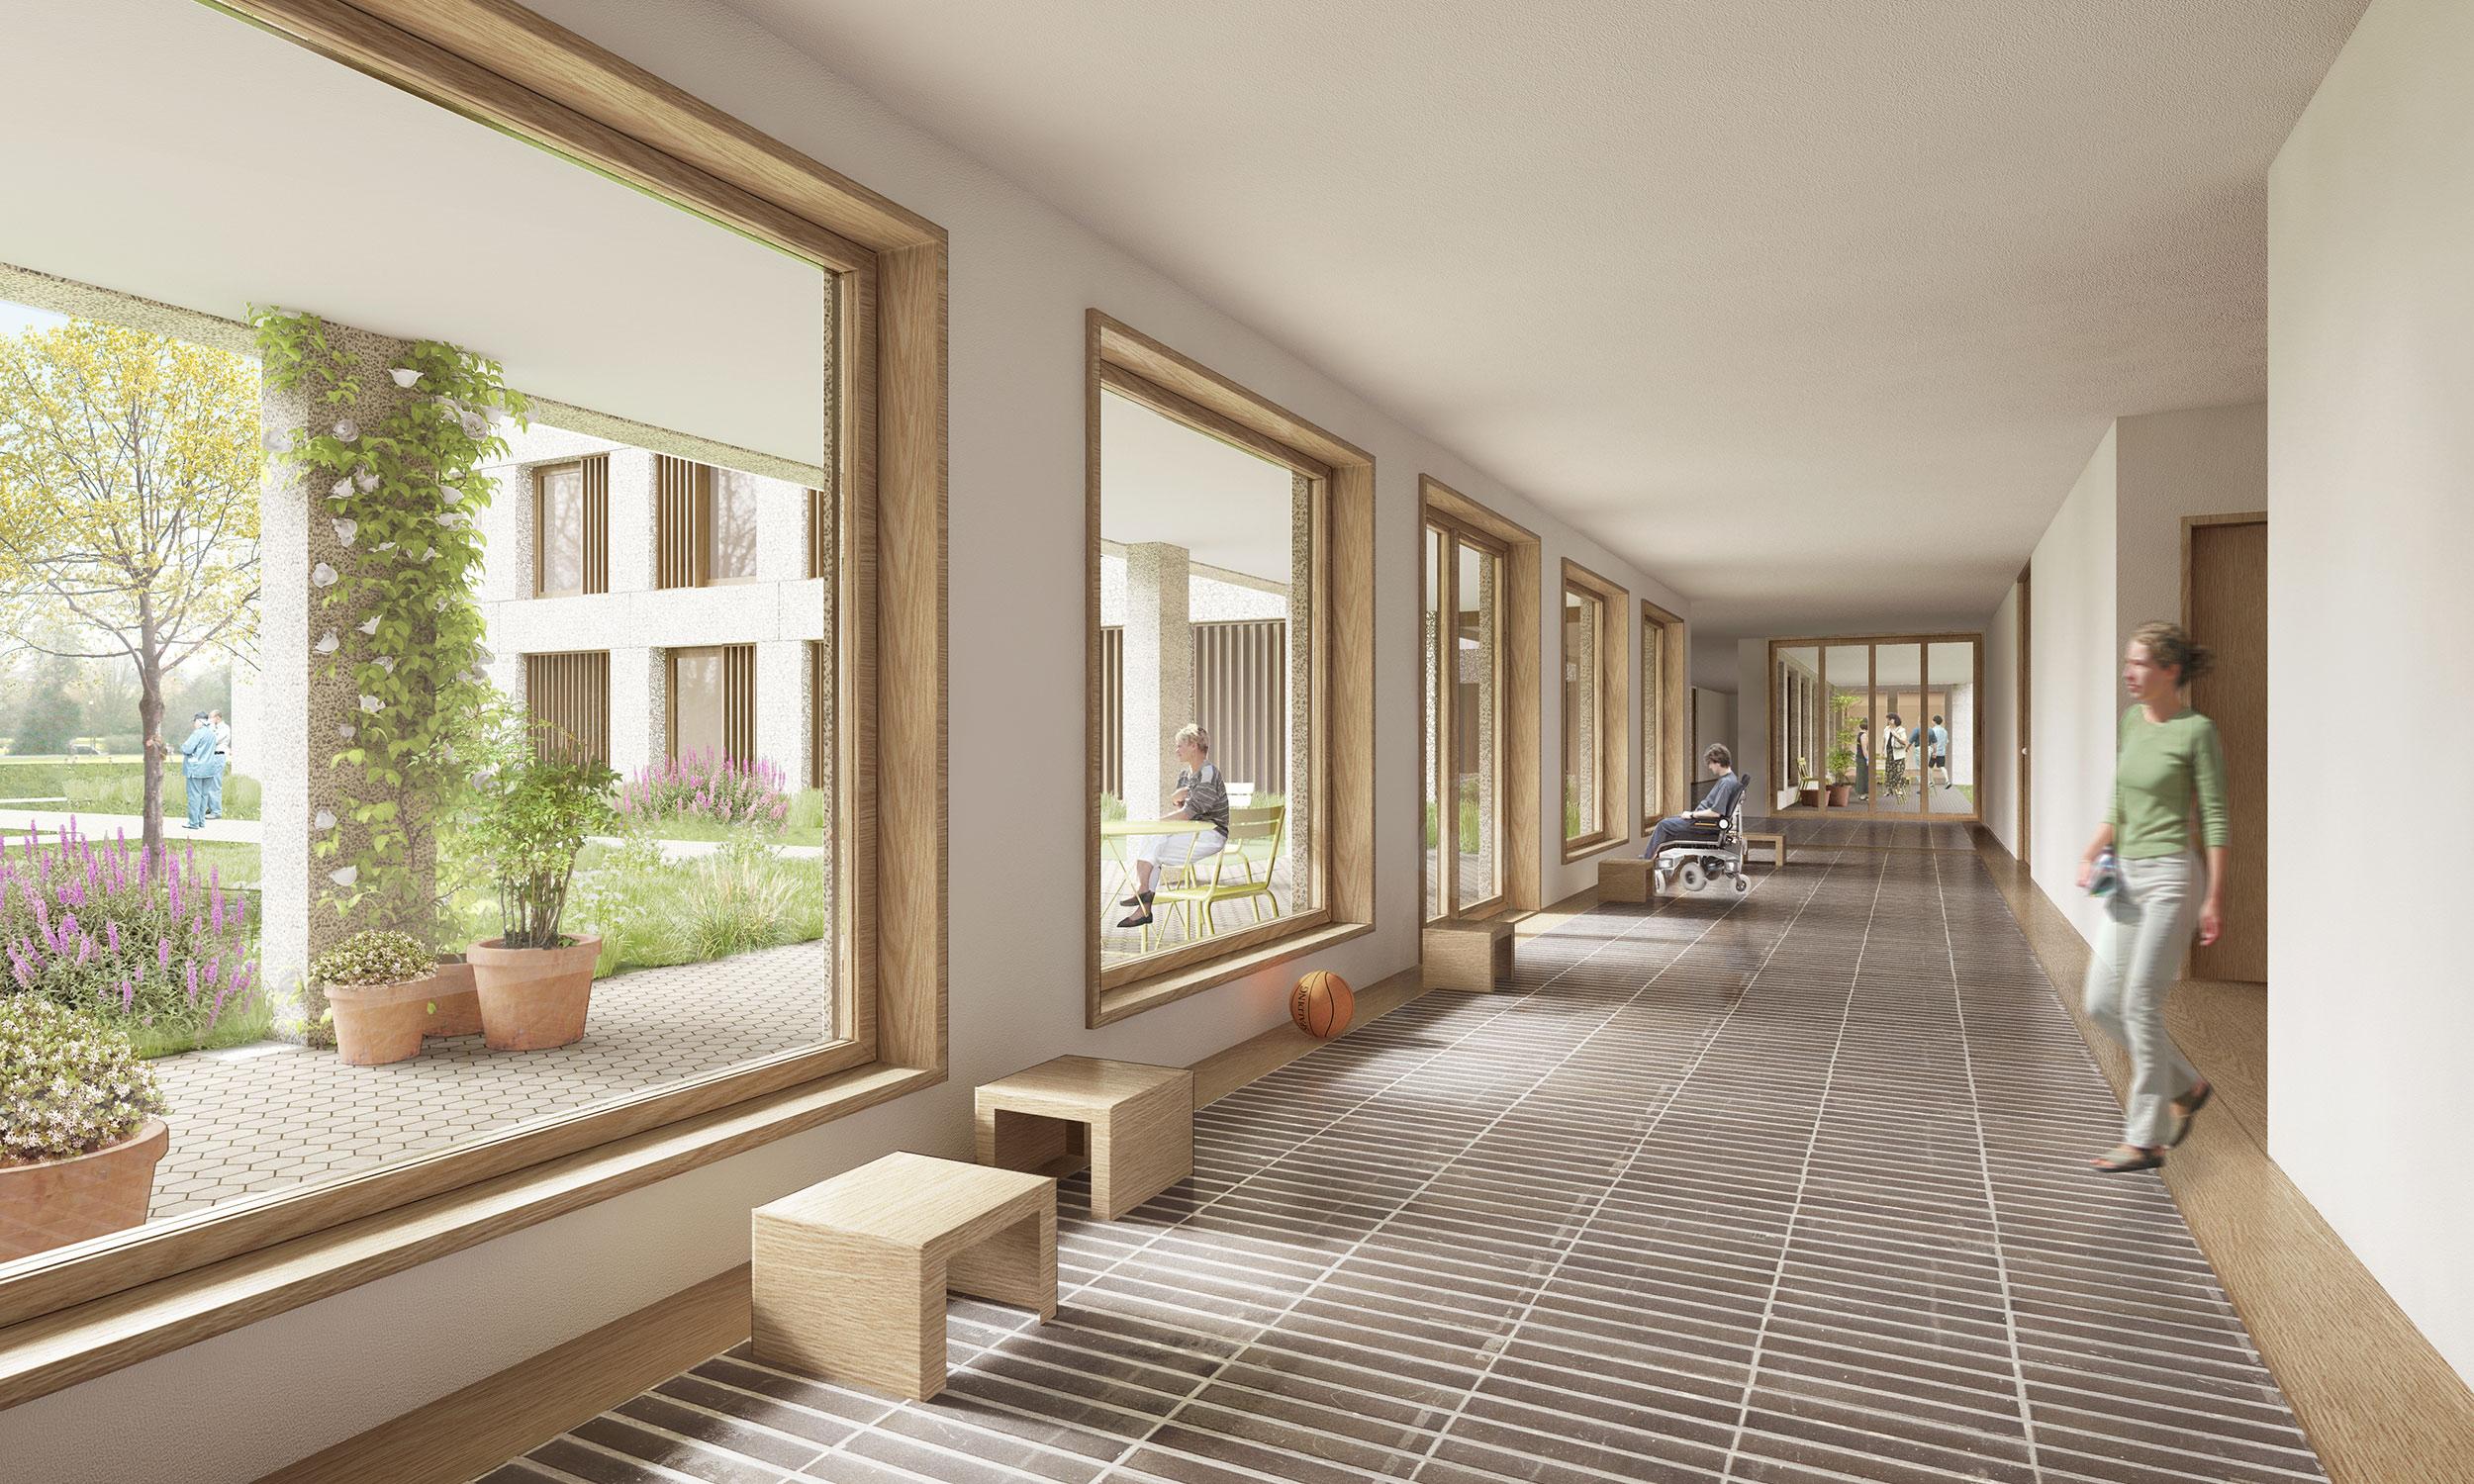 Wohnheim sonnegarte st urban mark zi rjen architekten for 03 architekten